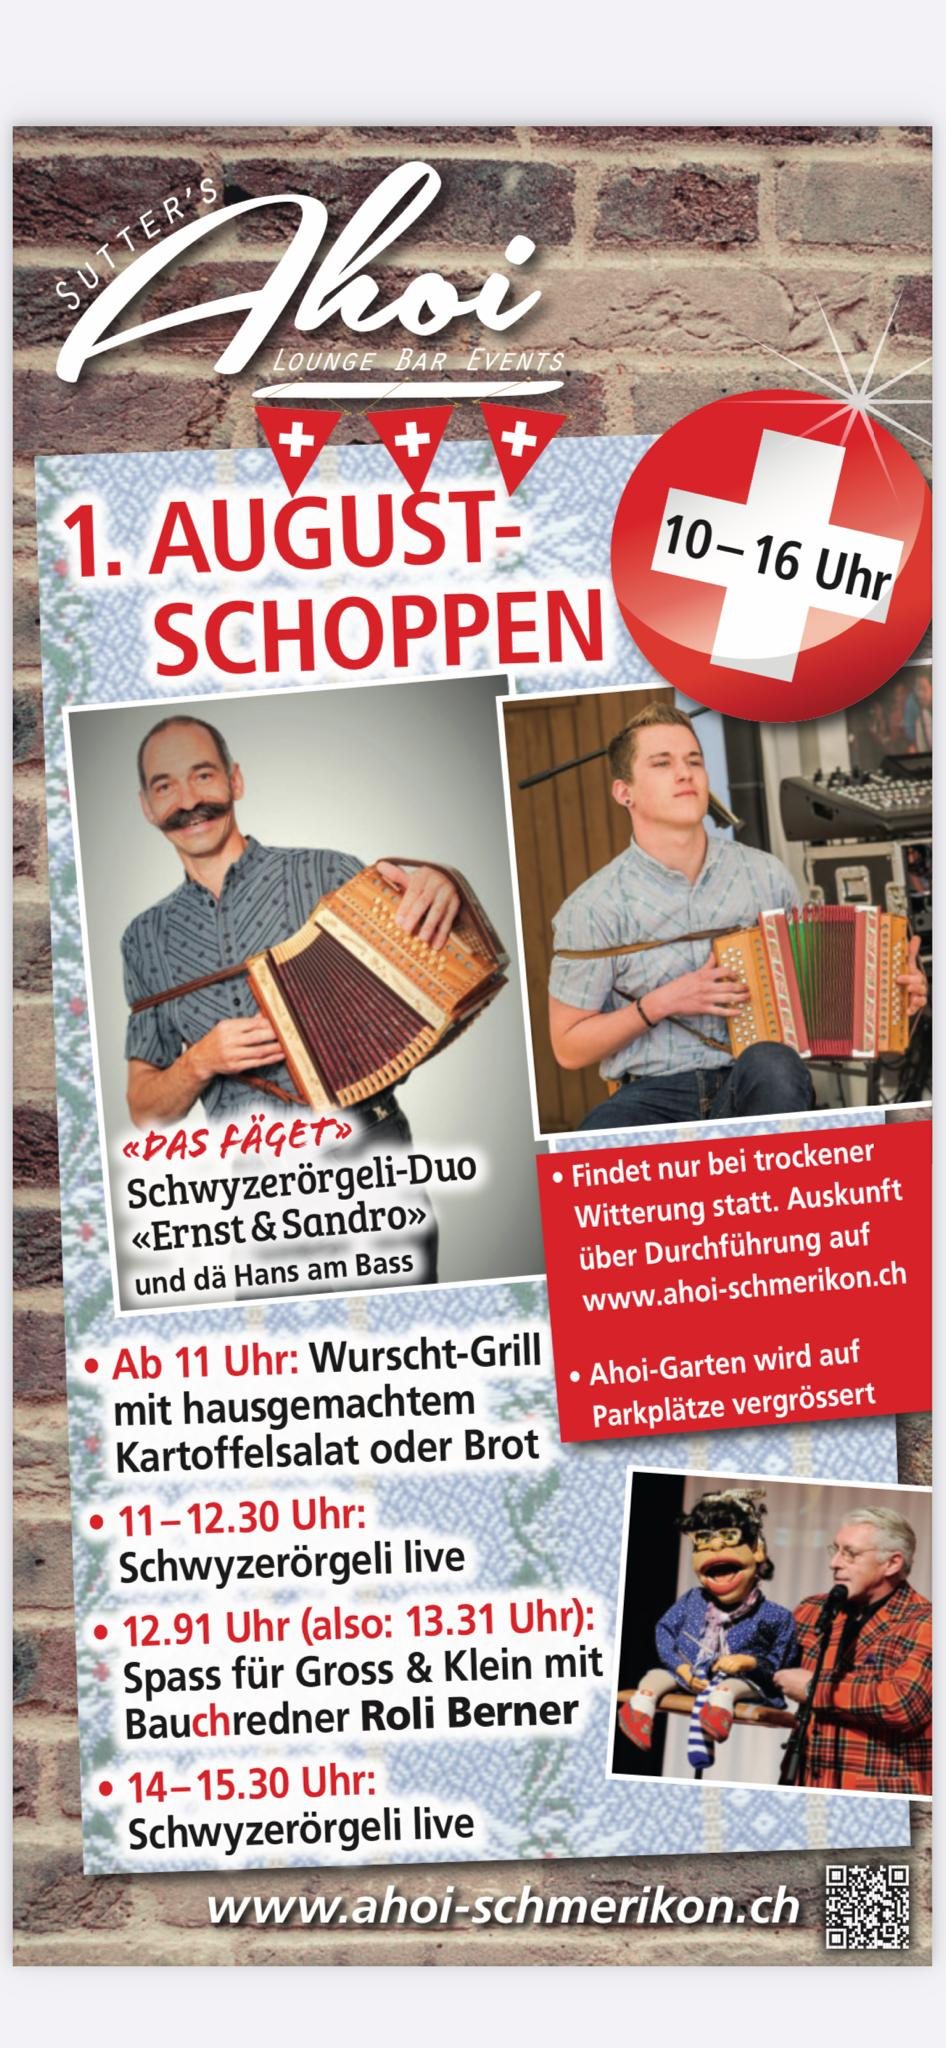 Flyer zum 1. August Schoppen vom 1. August 2021 im Ahoi Schmerikon